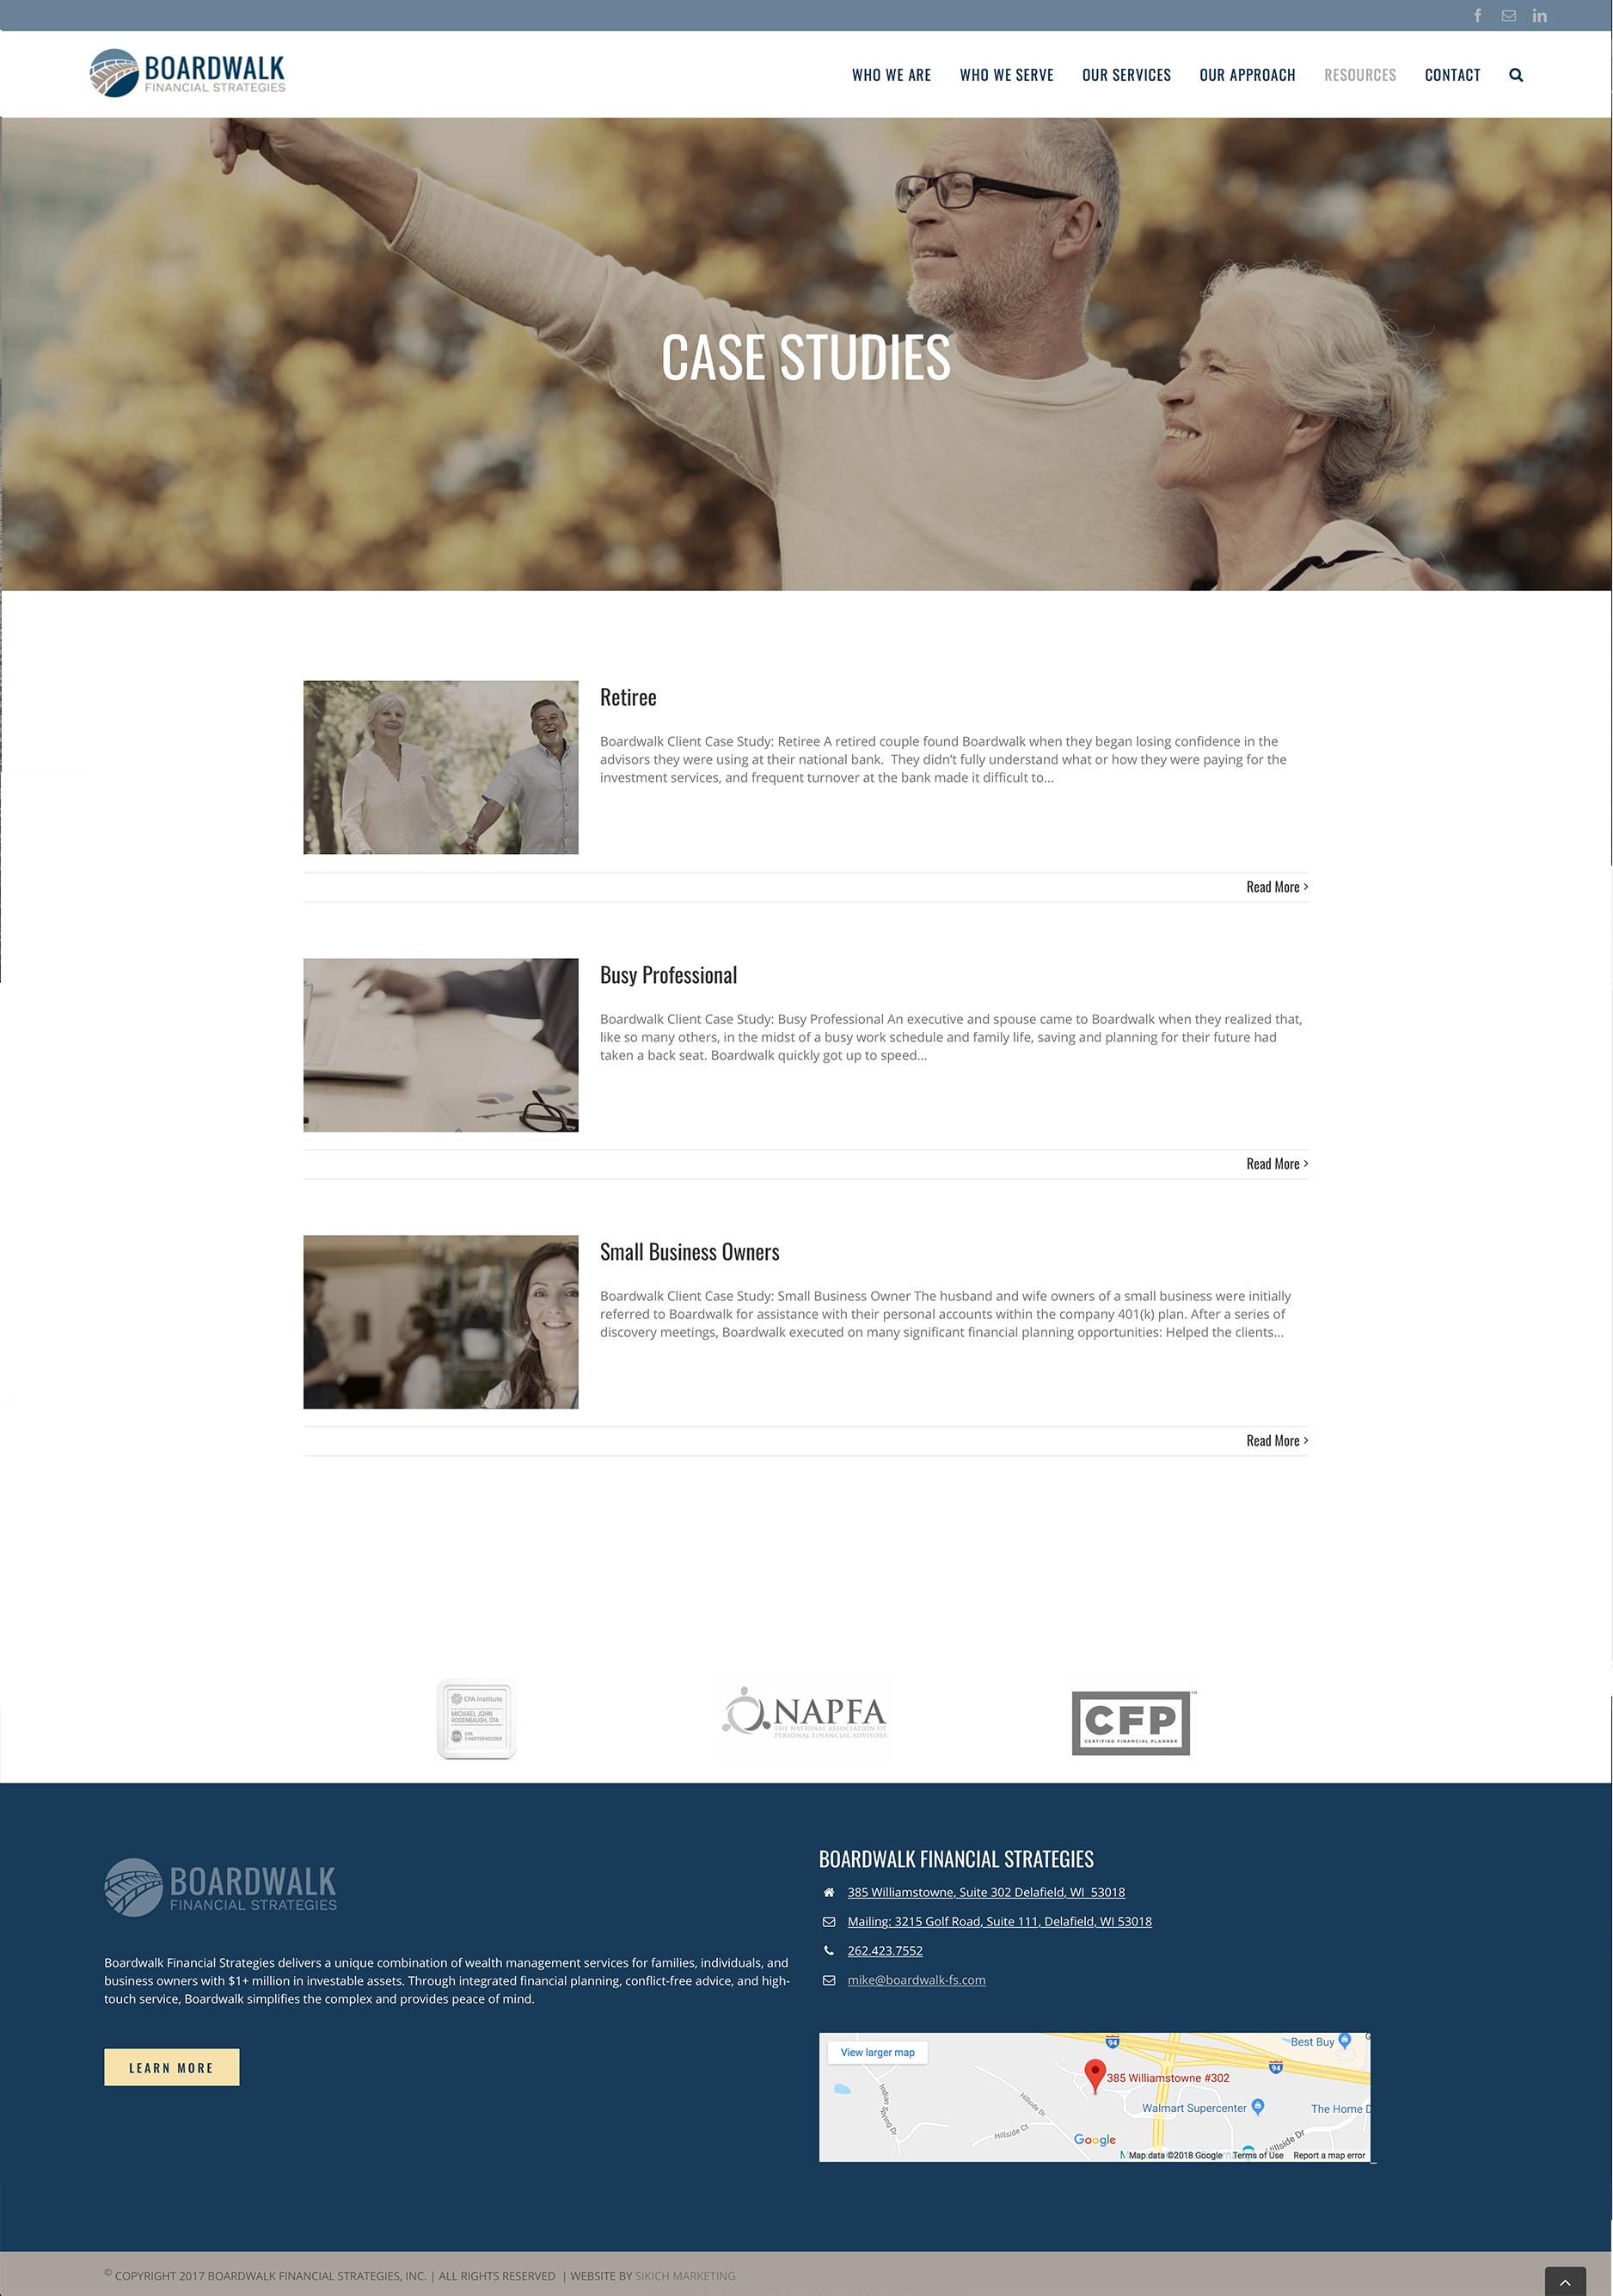 Boardwalk case studies webpage